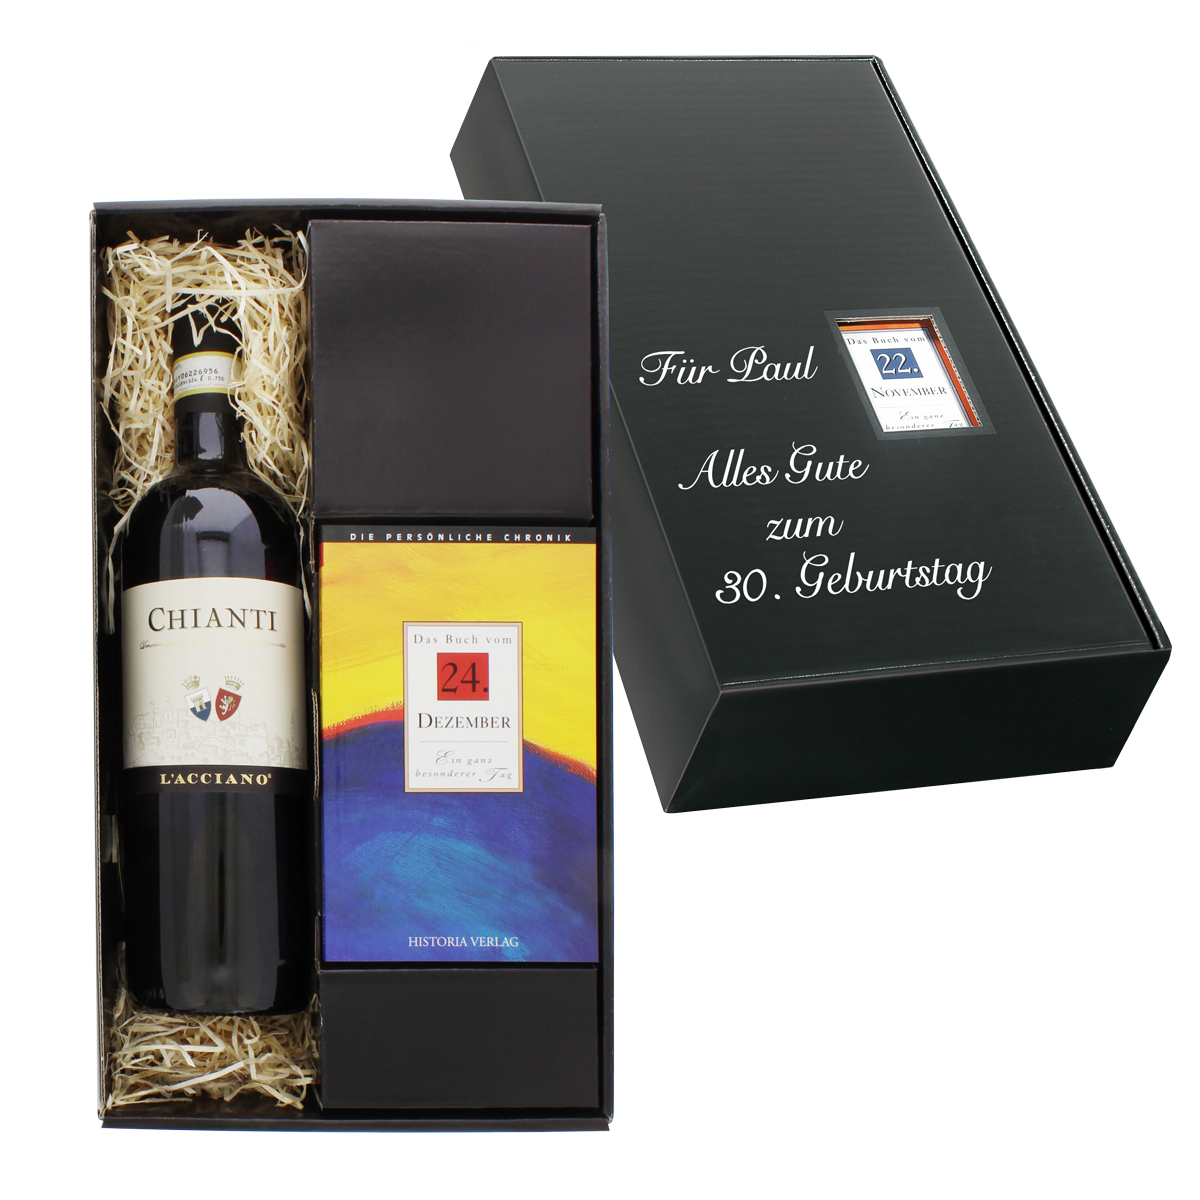 Italien-Set: Tageschronik vom 15. Dezember & Chianti-Wein